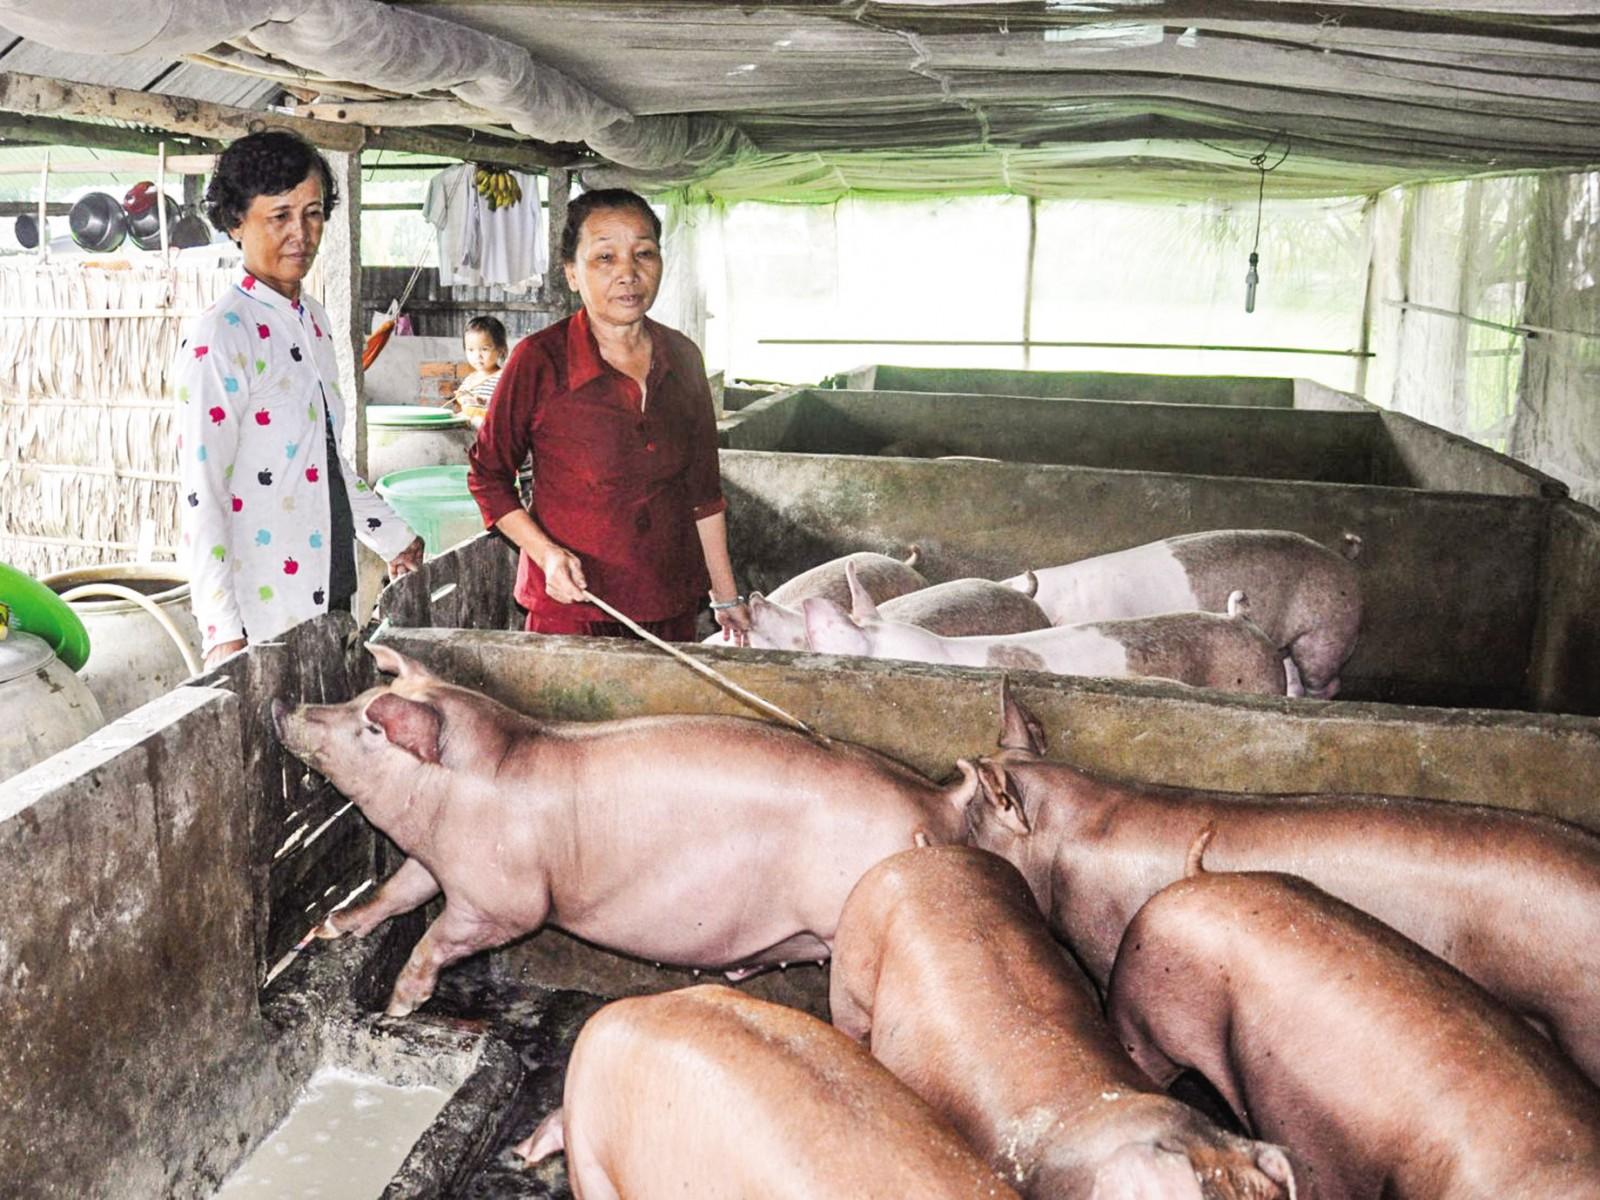 Đàn heo nuôi trên địa bàn huyện Cờ Đỏ, TP Cần Thơ an toàn vệ sinh chuồng trại, đảm bảo công tác phòng chống dịch. Ảnh: HÀ VĂN